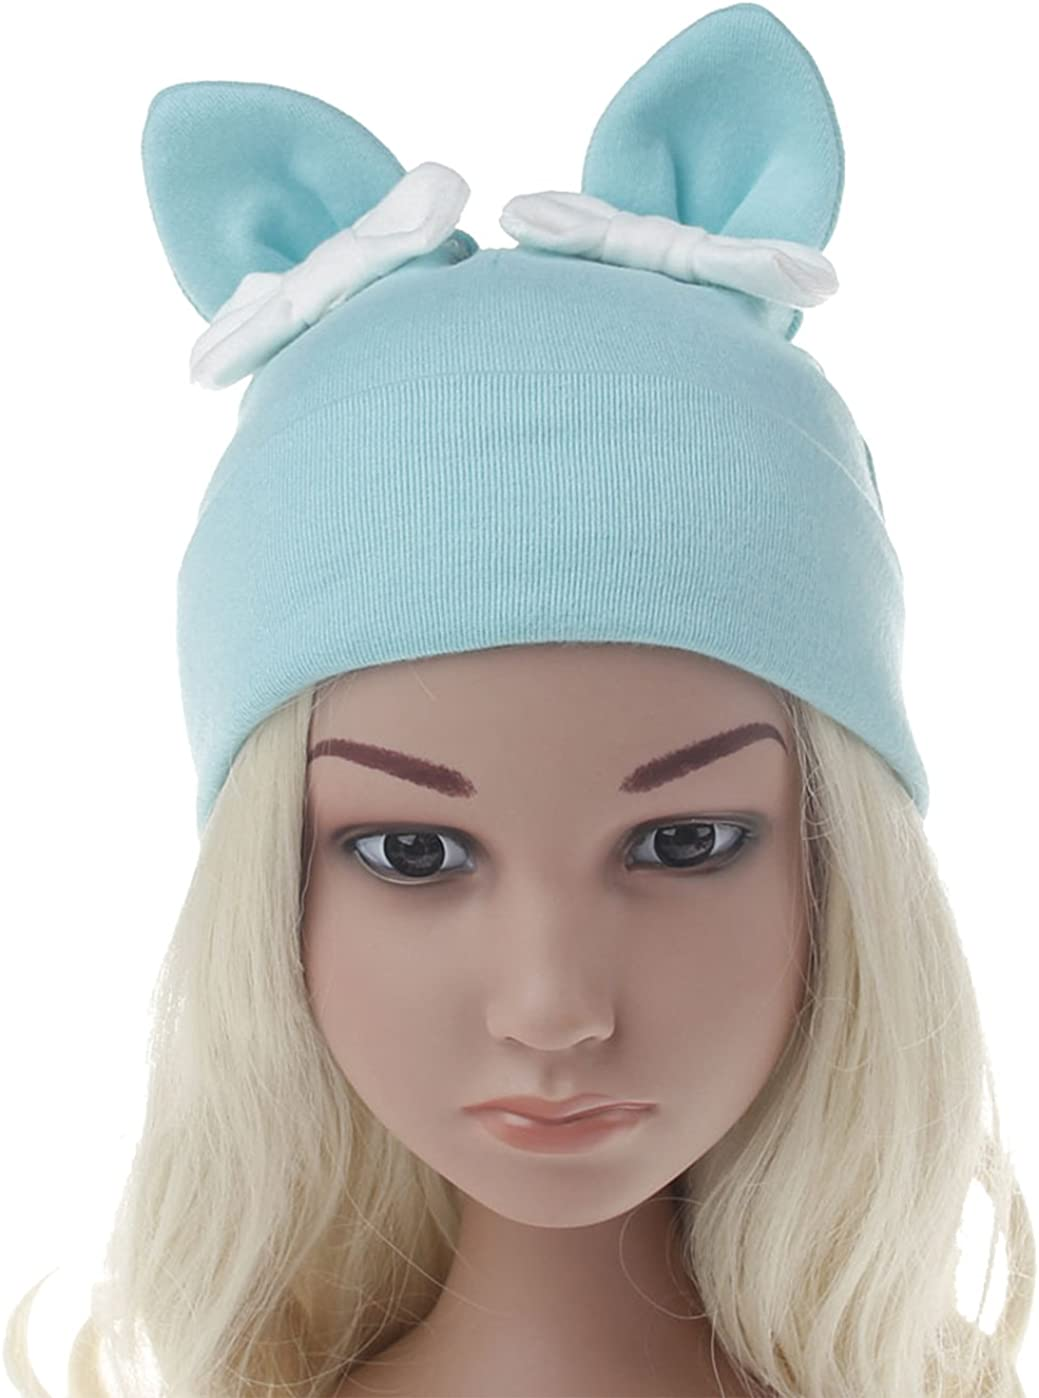 ZEHAT Solid Color Cat Ear Bowknot Baby Hat Warm Earflaps Girls Fleece Lining Cute Kids Knit Winter Warm Hat